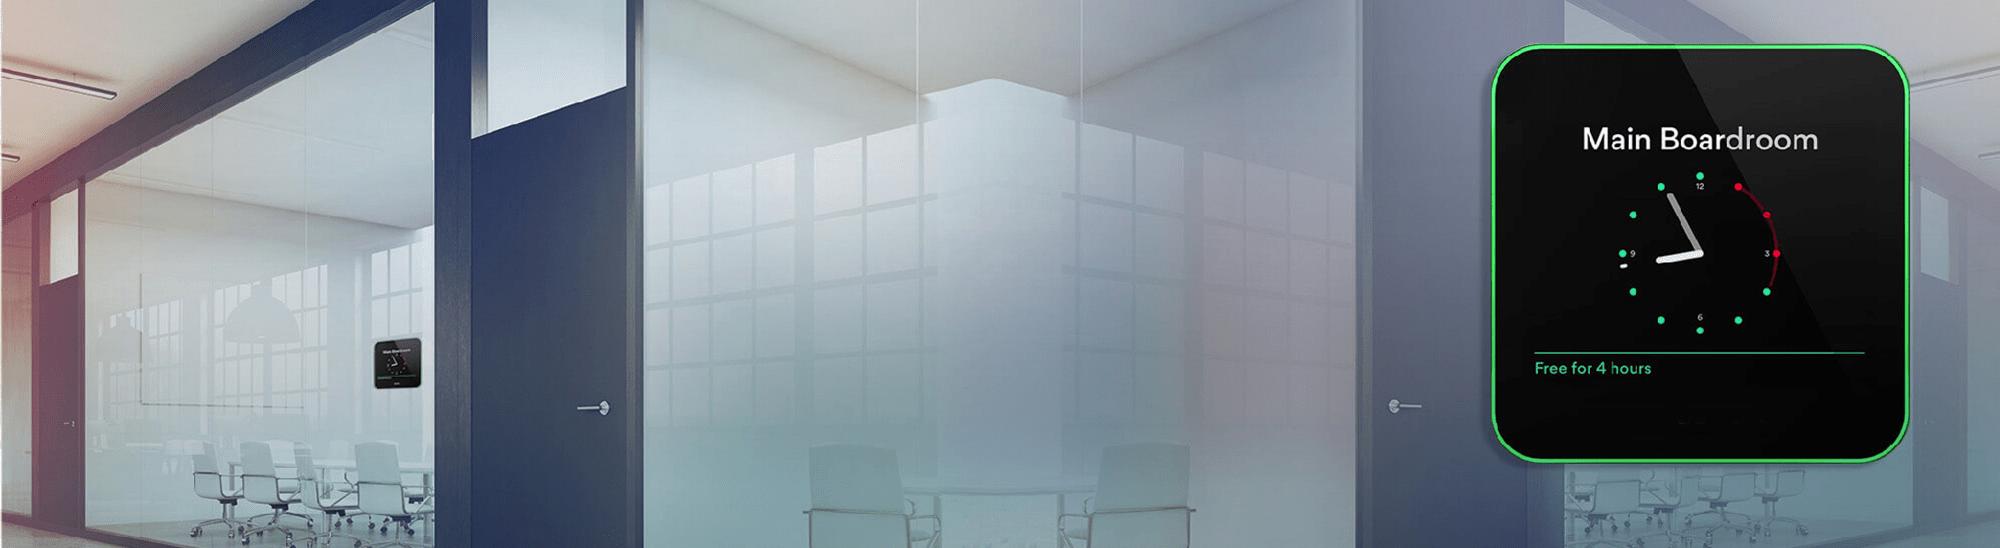 Evoko main boardroom